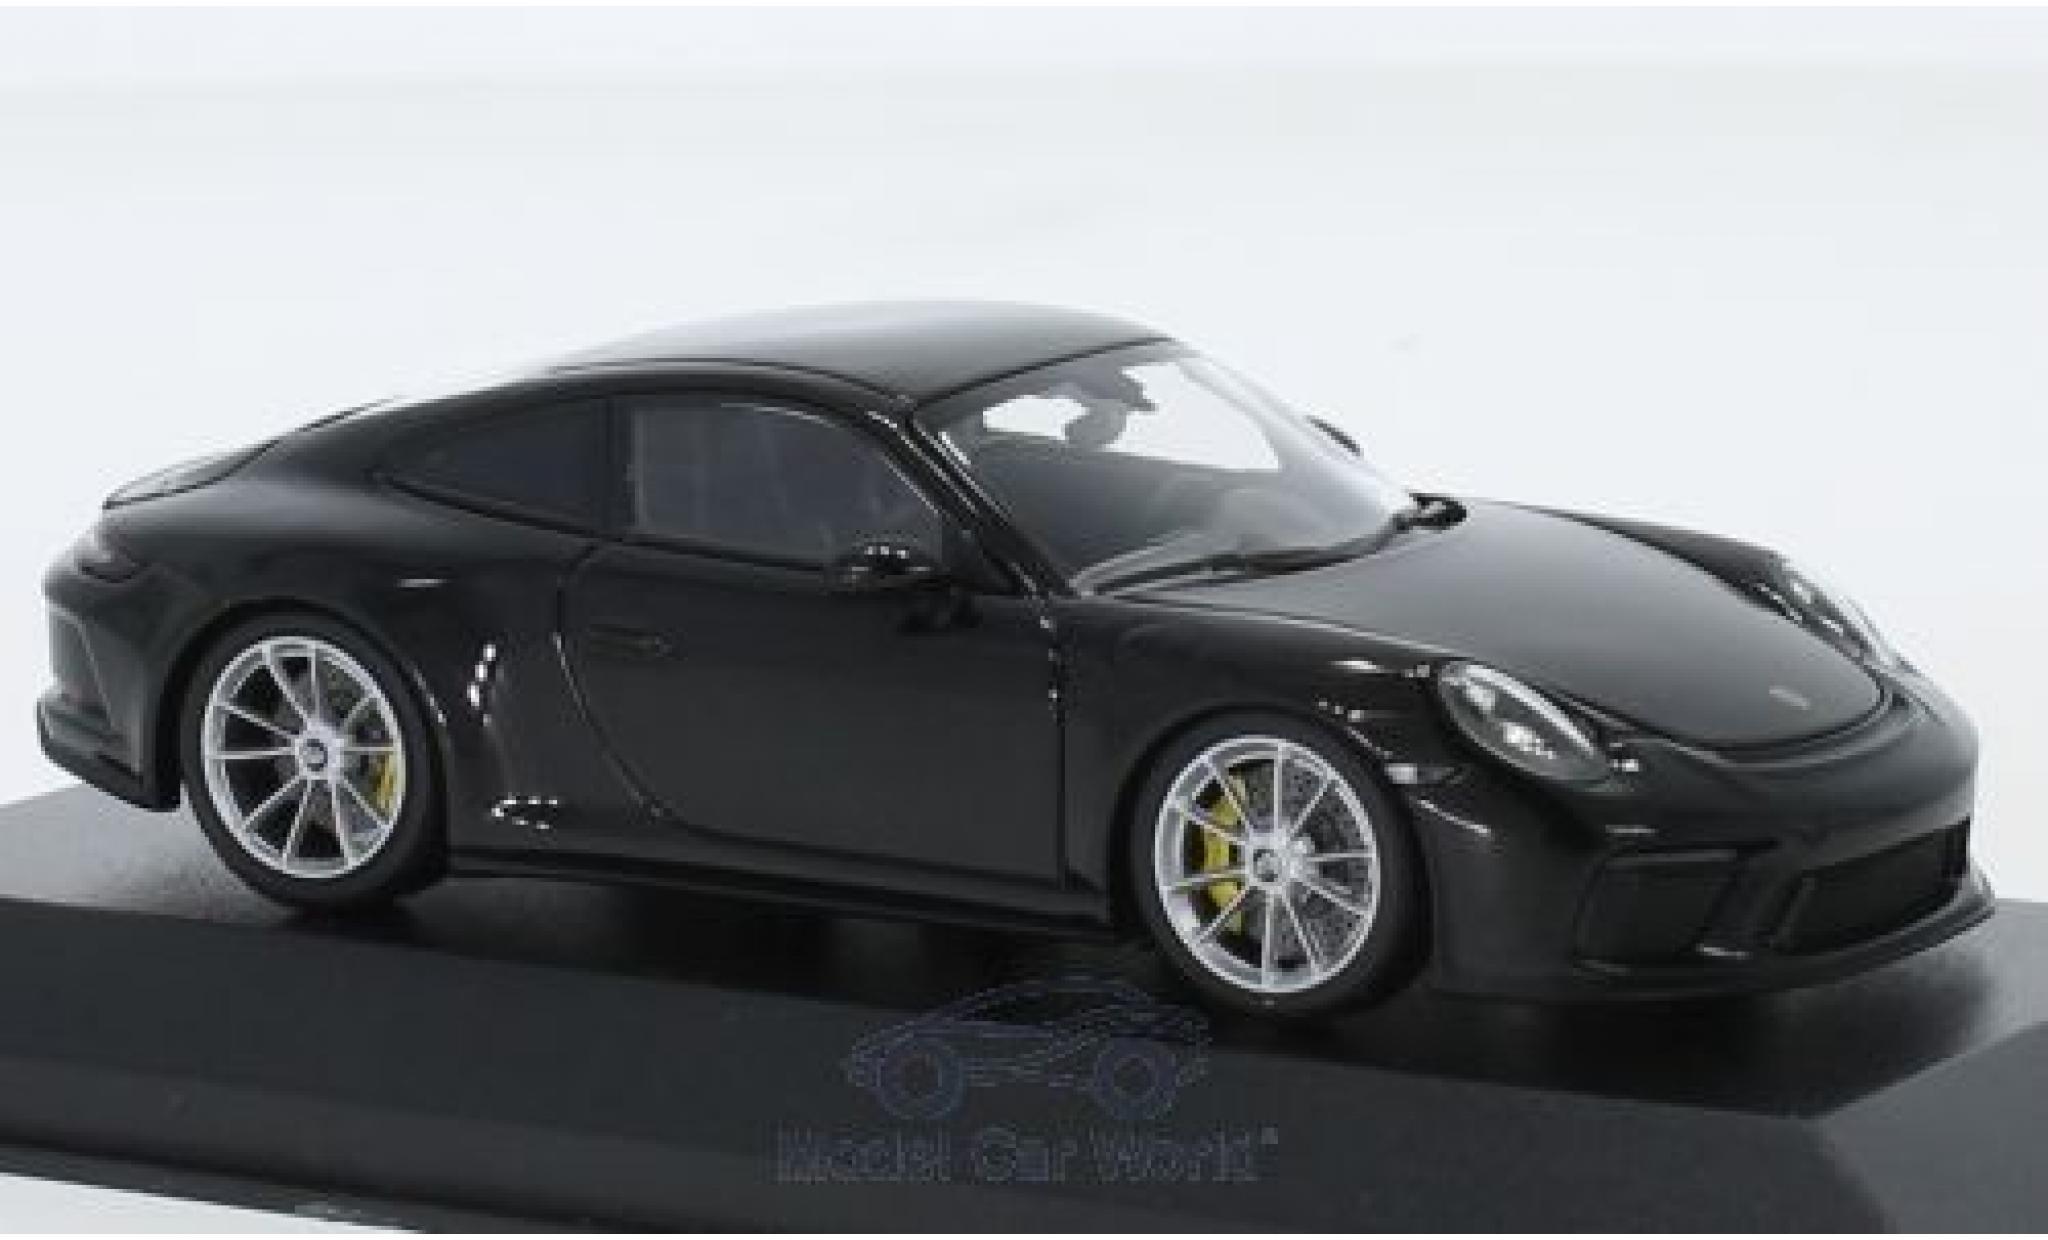 Porsche 911 1/43 Minichamps (991.2) GT3 Touring métallisé noire 2018